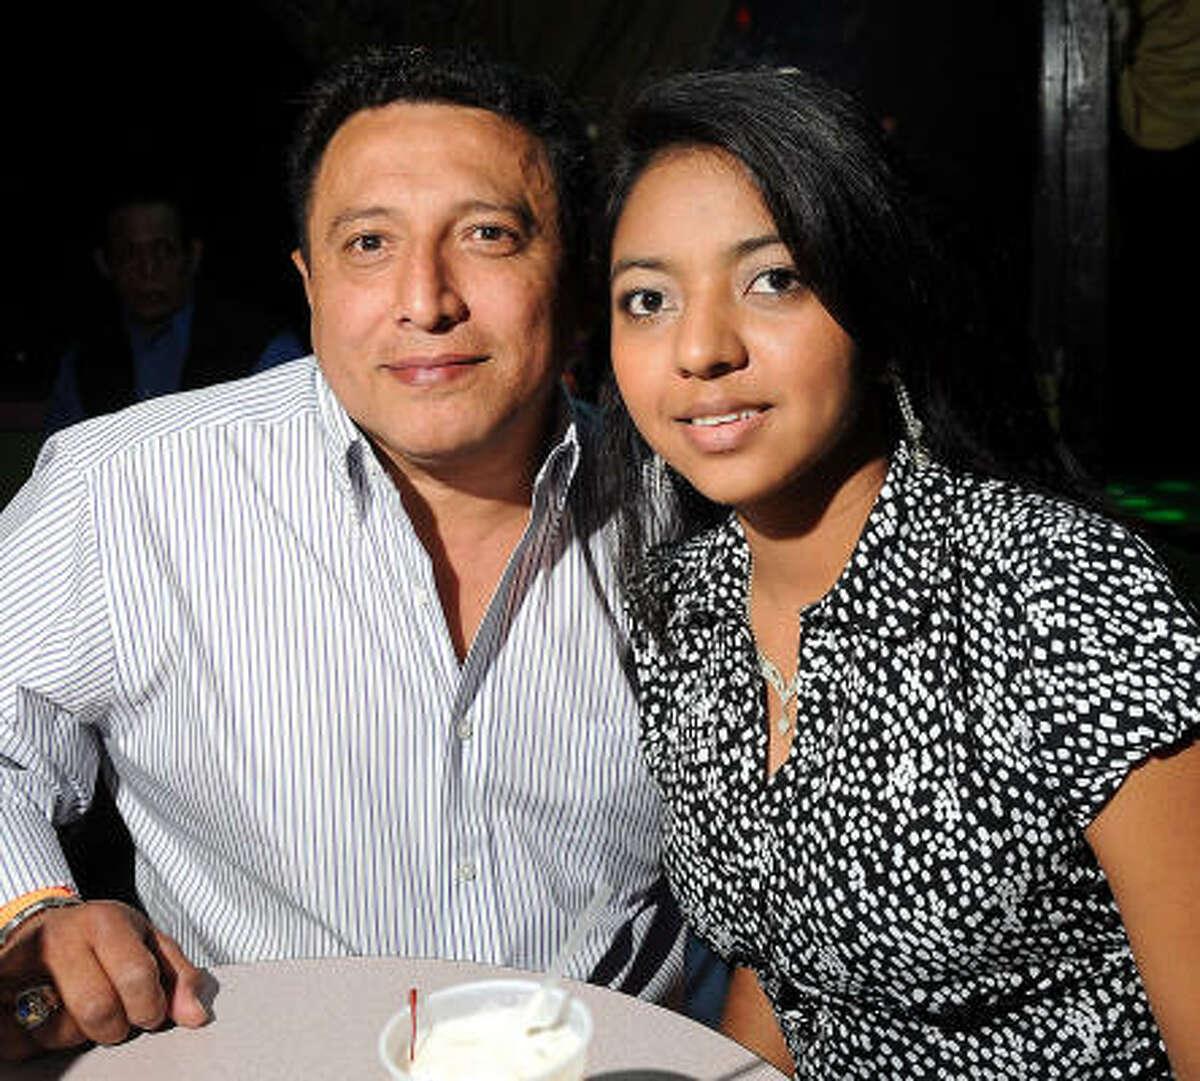 José Mendoza y Tamara Mendoza en Amazonia Discotheque.